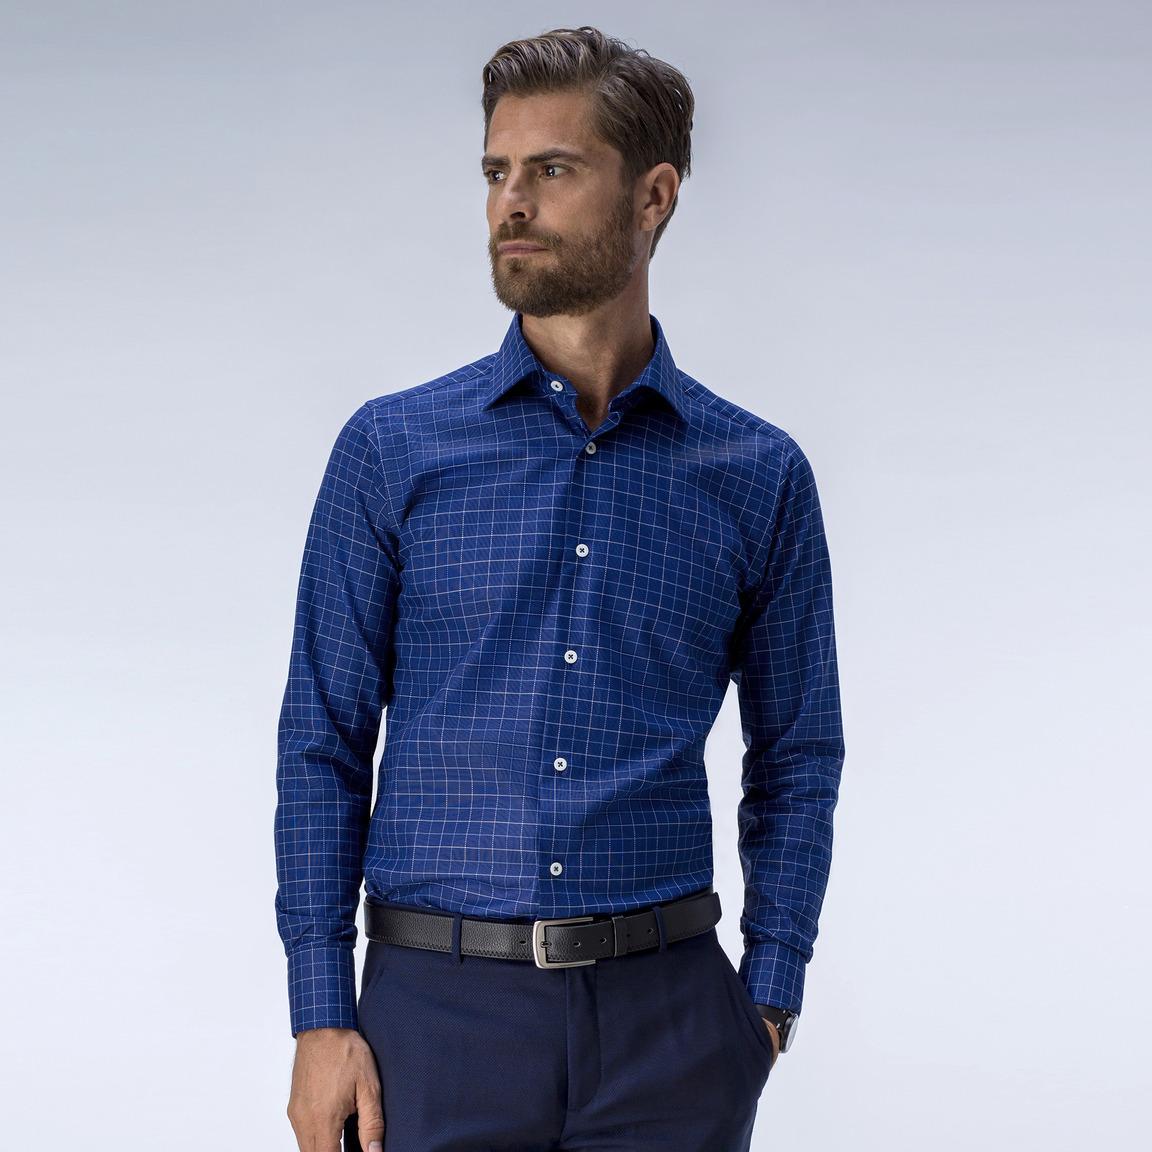 Blårutig skjorta i ledig stil